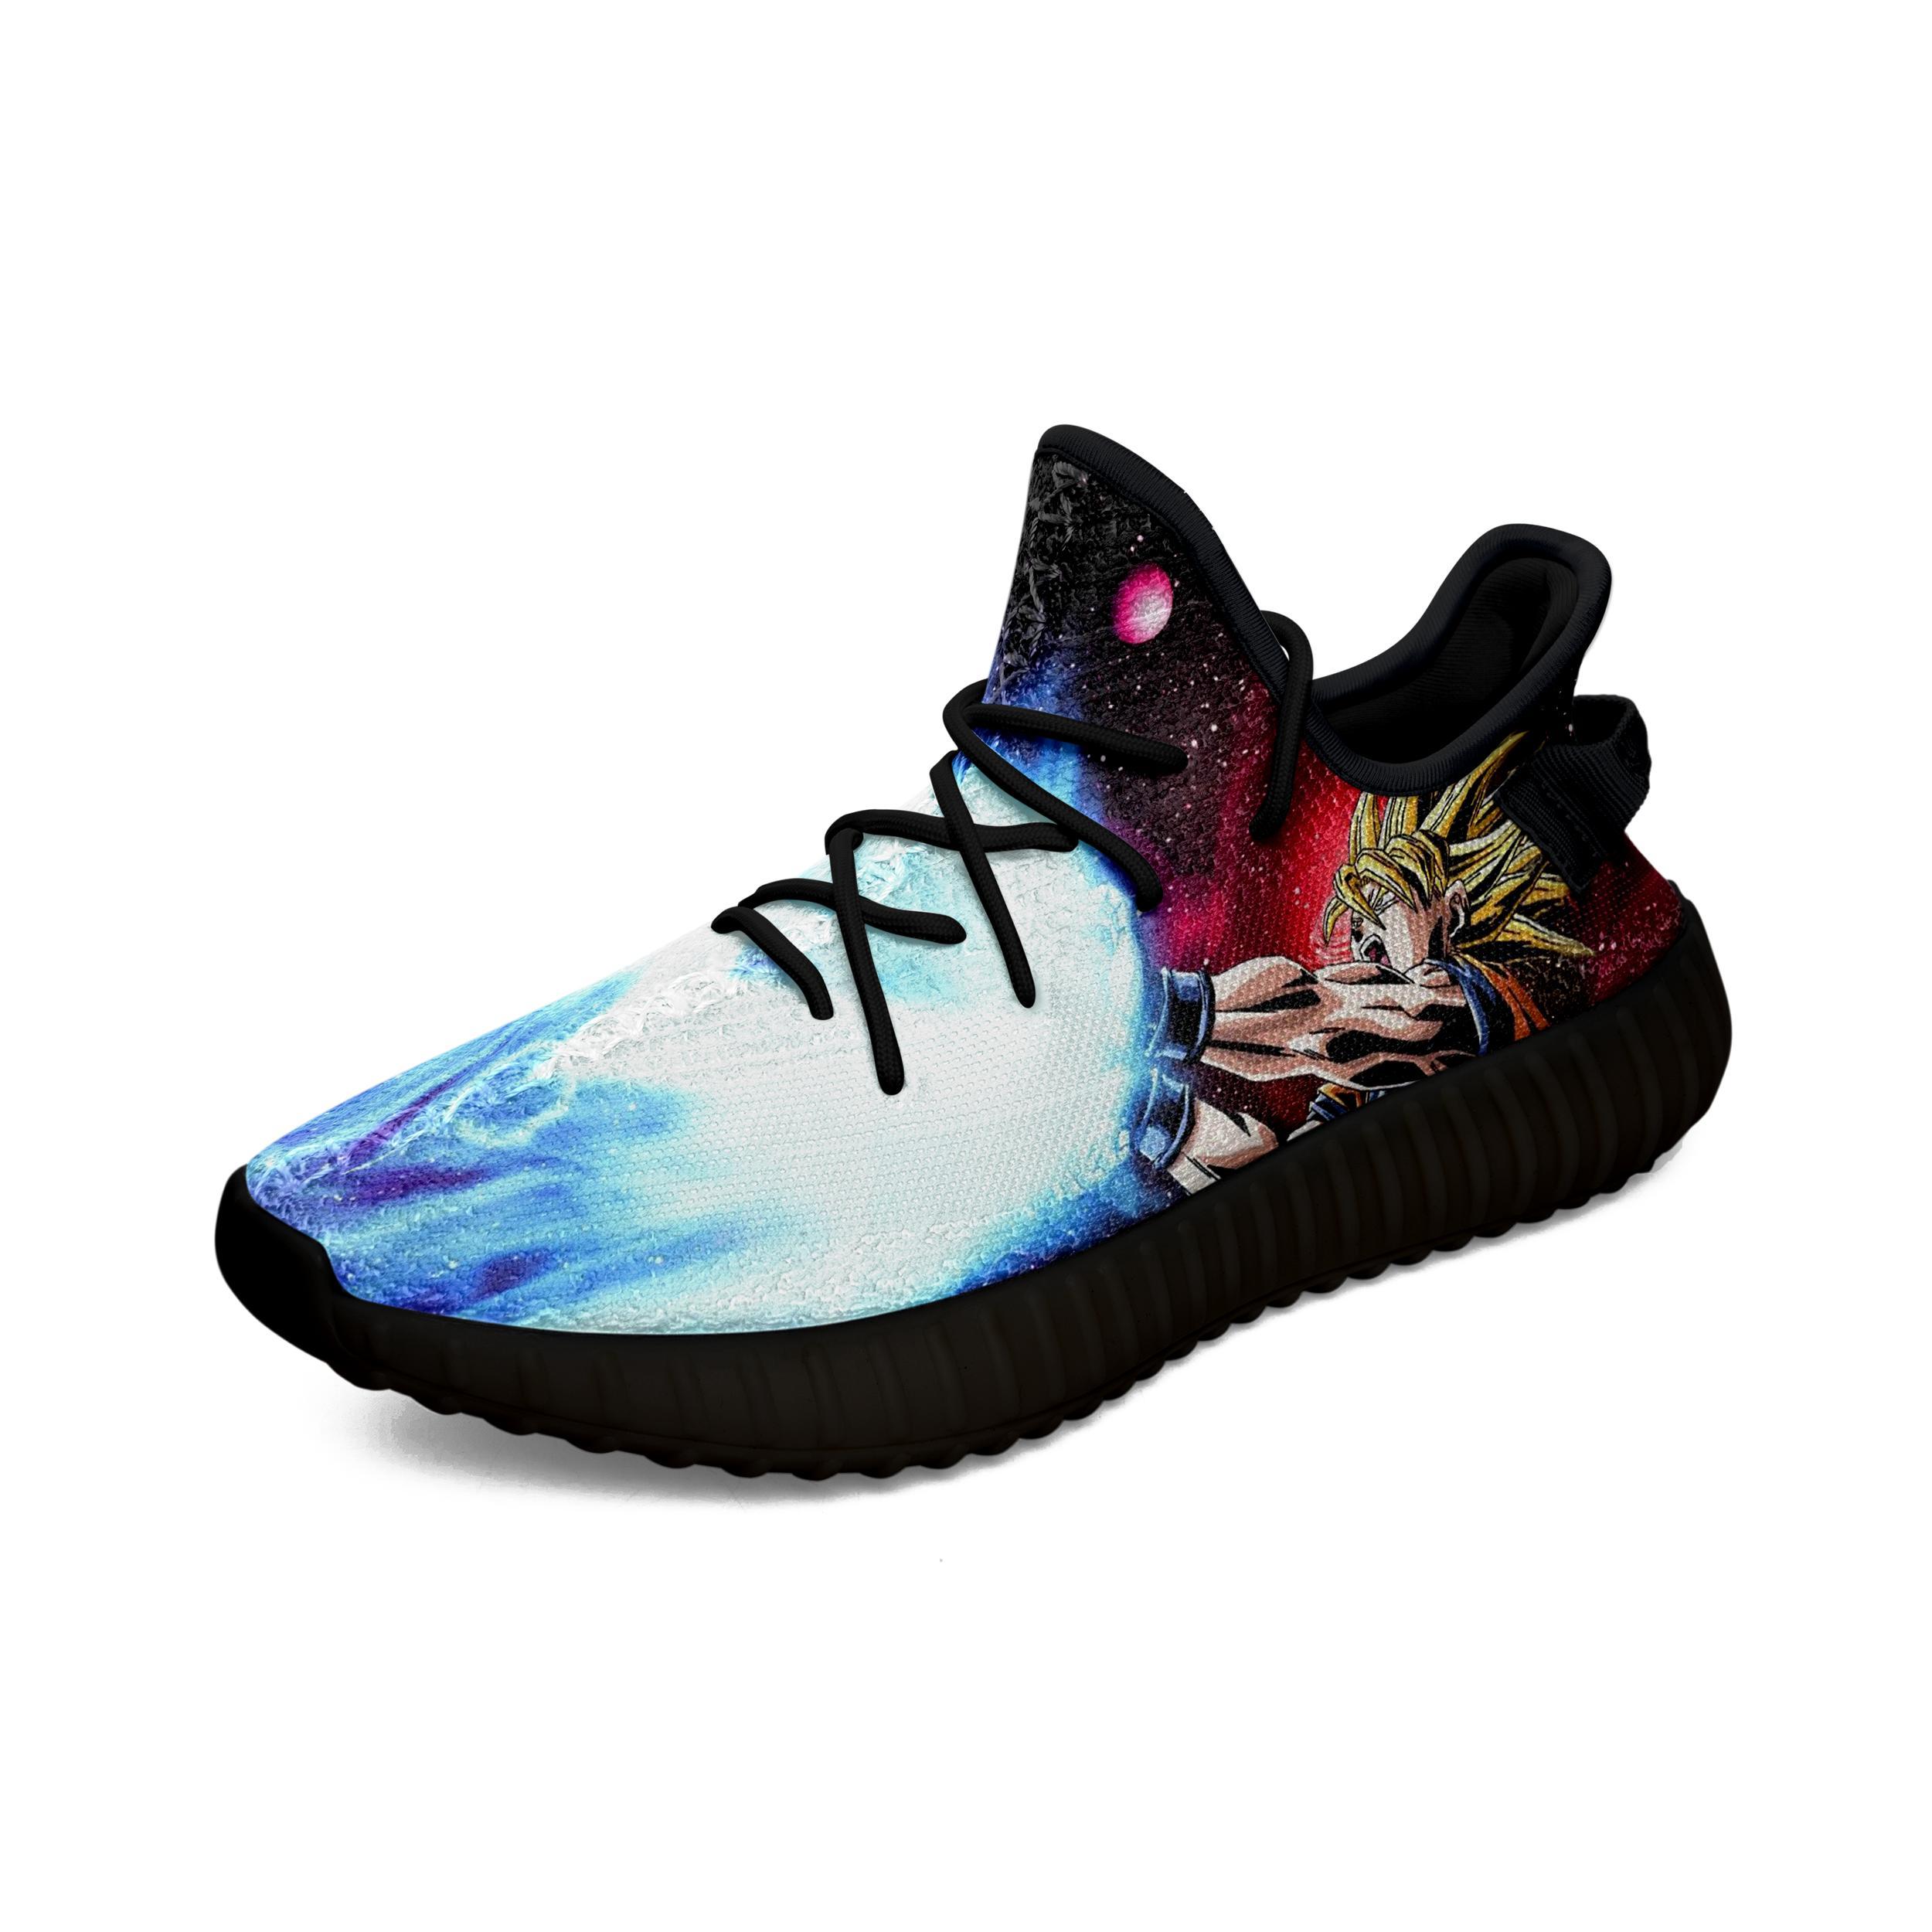 190706 ? Goku 3 Yeezy Boots